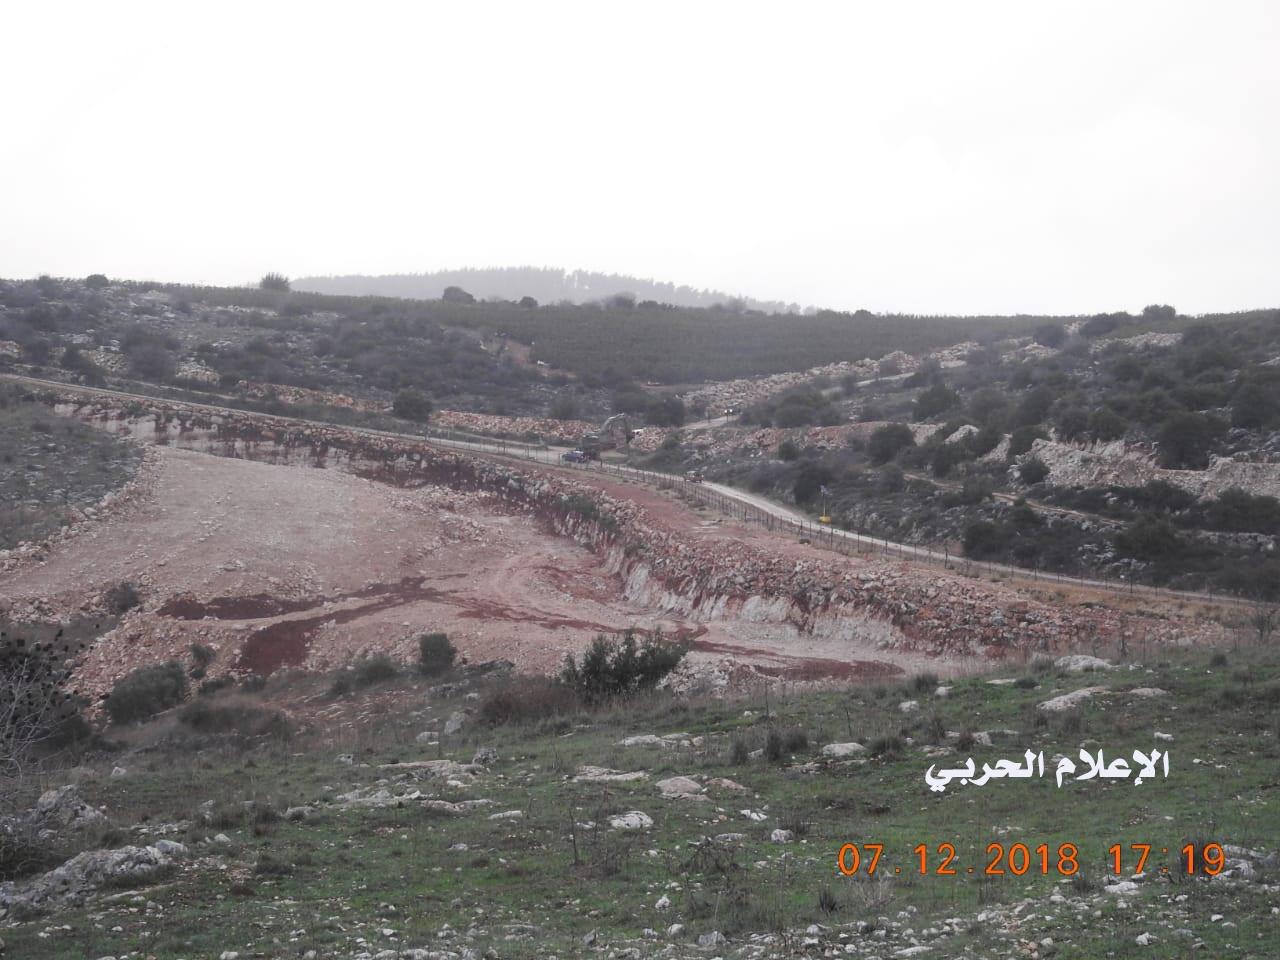 http://central-media.org/uploaded/images/581a4401-e067-4da6-a9f8-e7da6982384a.jpg